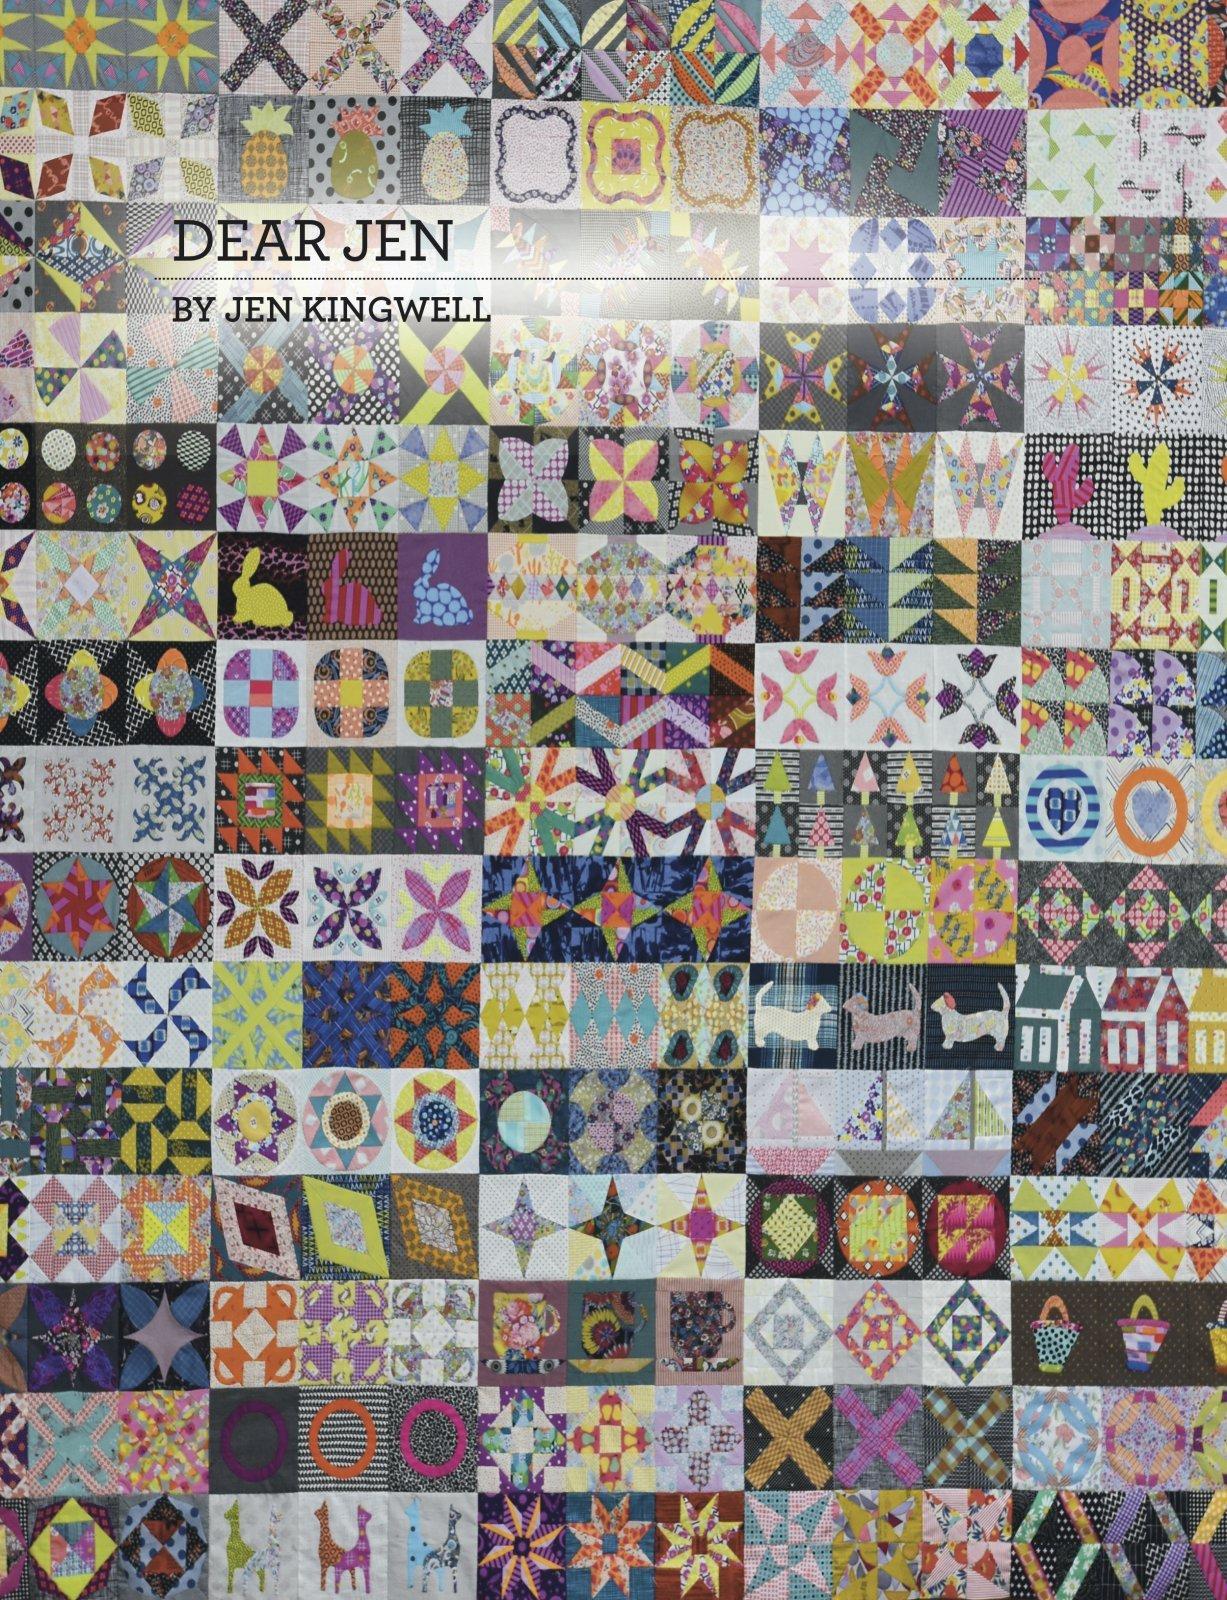 Dear Jen